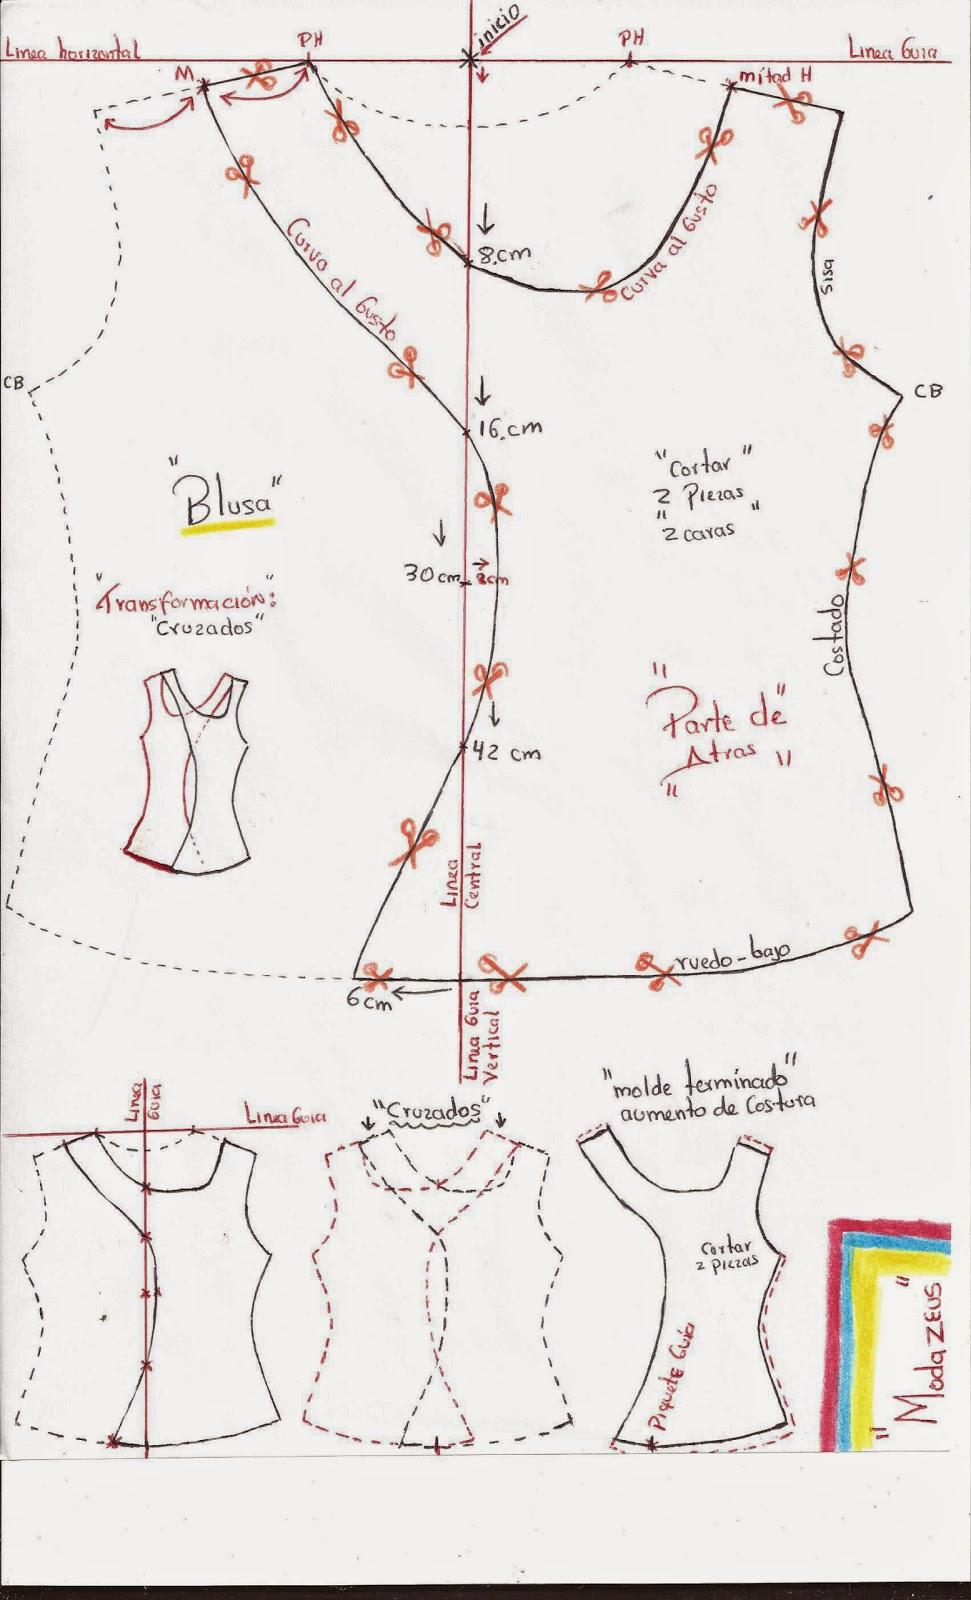 patrones de blusas para niñas cruzadas telas licra viscosa